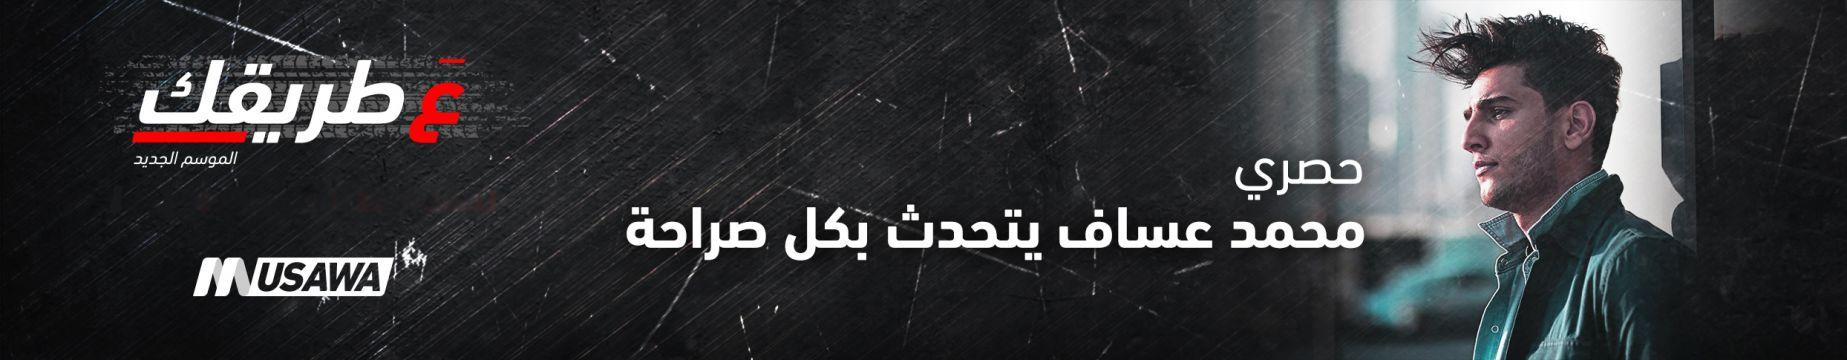 محمد عساف يتحدث بكل صراحة